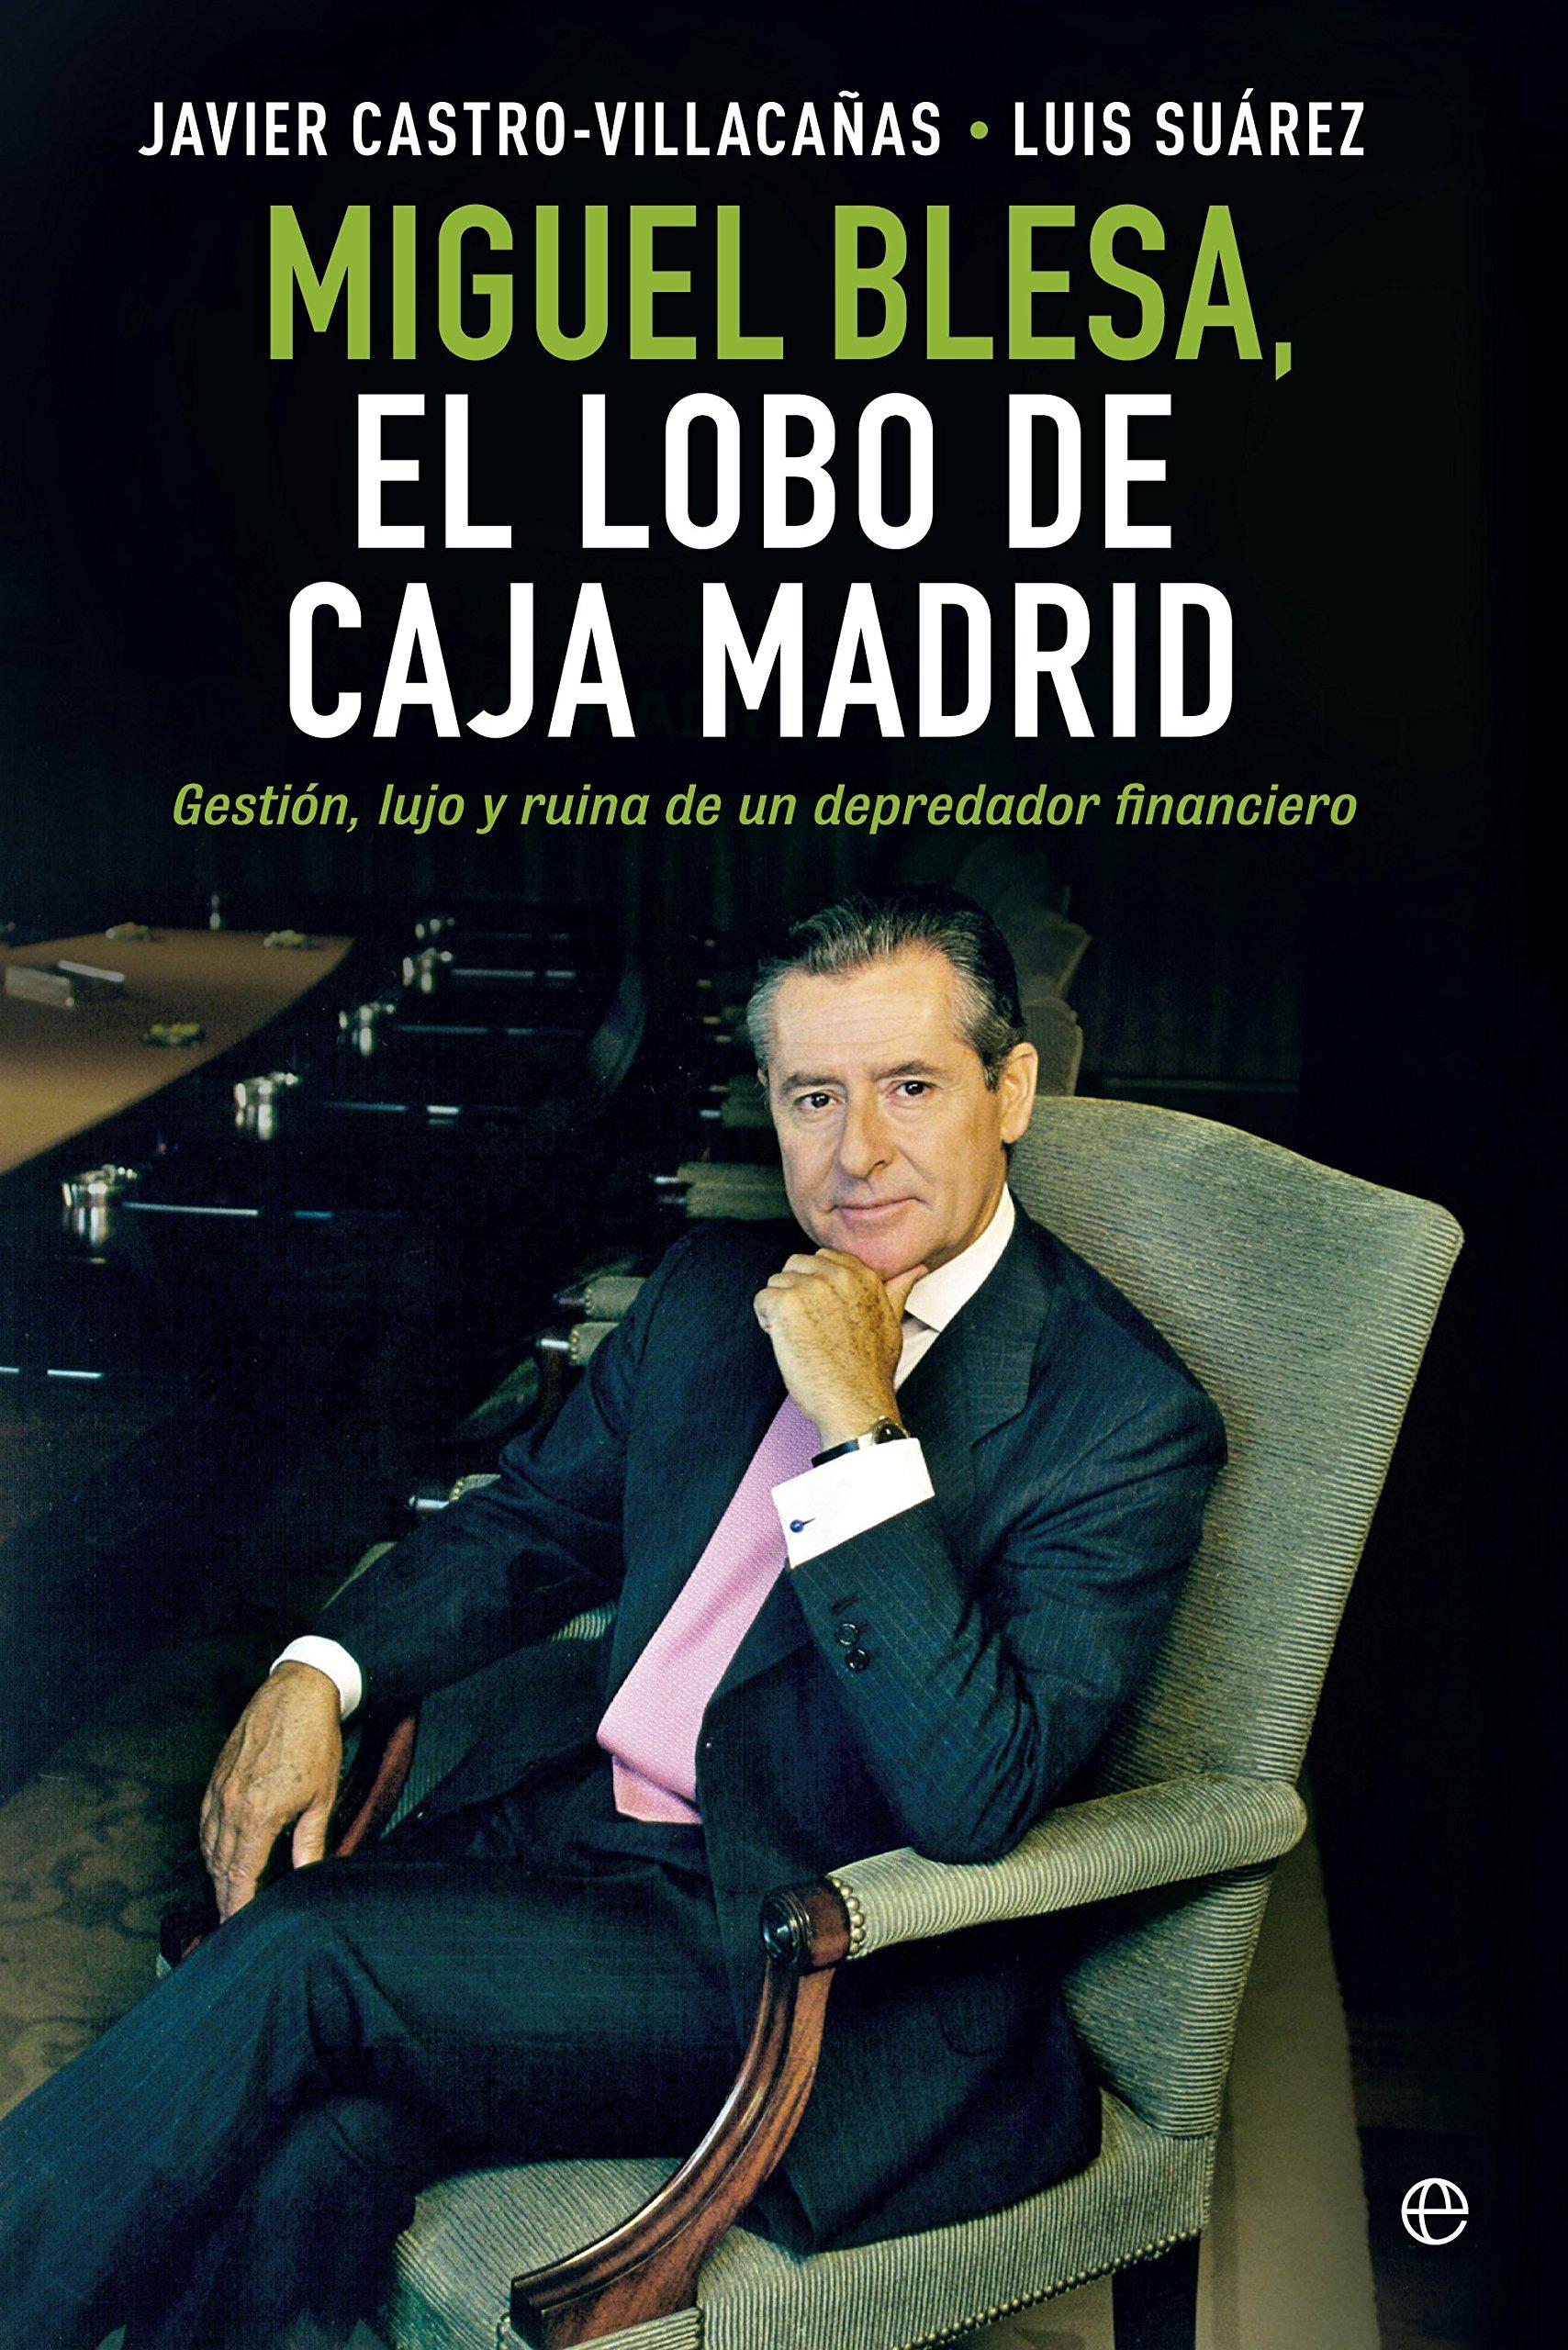 El lobo de Caja Madrid: Gestión, lujo y ruina de un depredador financiero Biografías y Memorias: Amazon.es: Javier Castro-Villacañas Pérez, ...